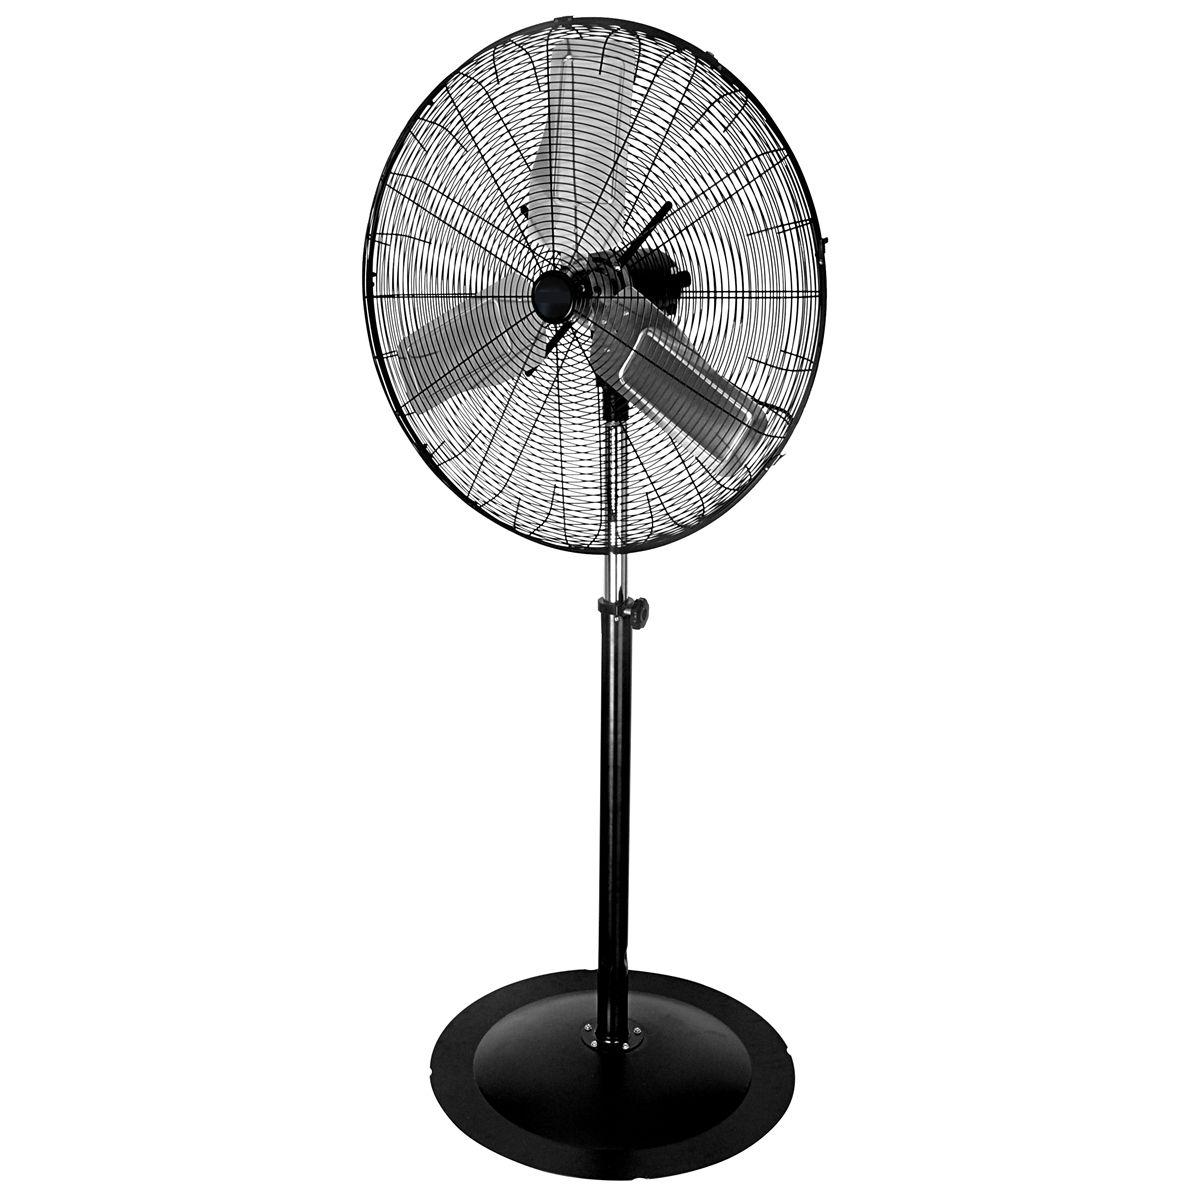 Durable Pedestal Fan : Inch pedestal fan mountain